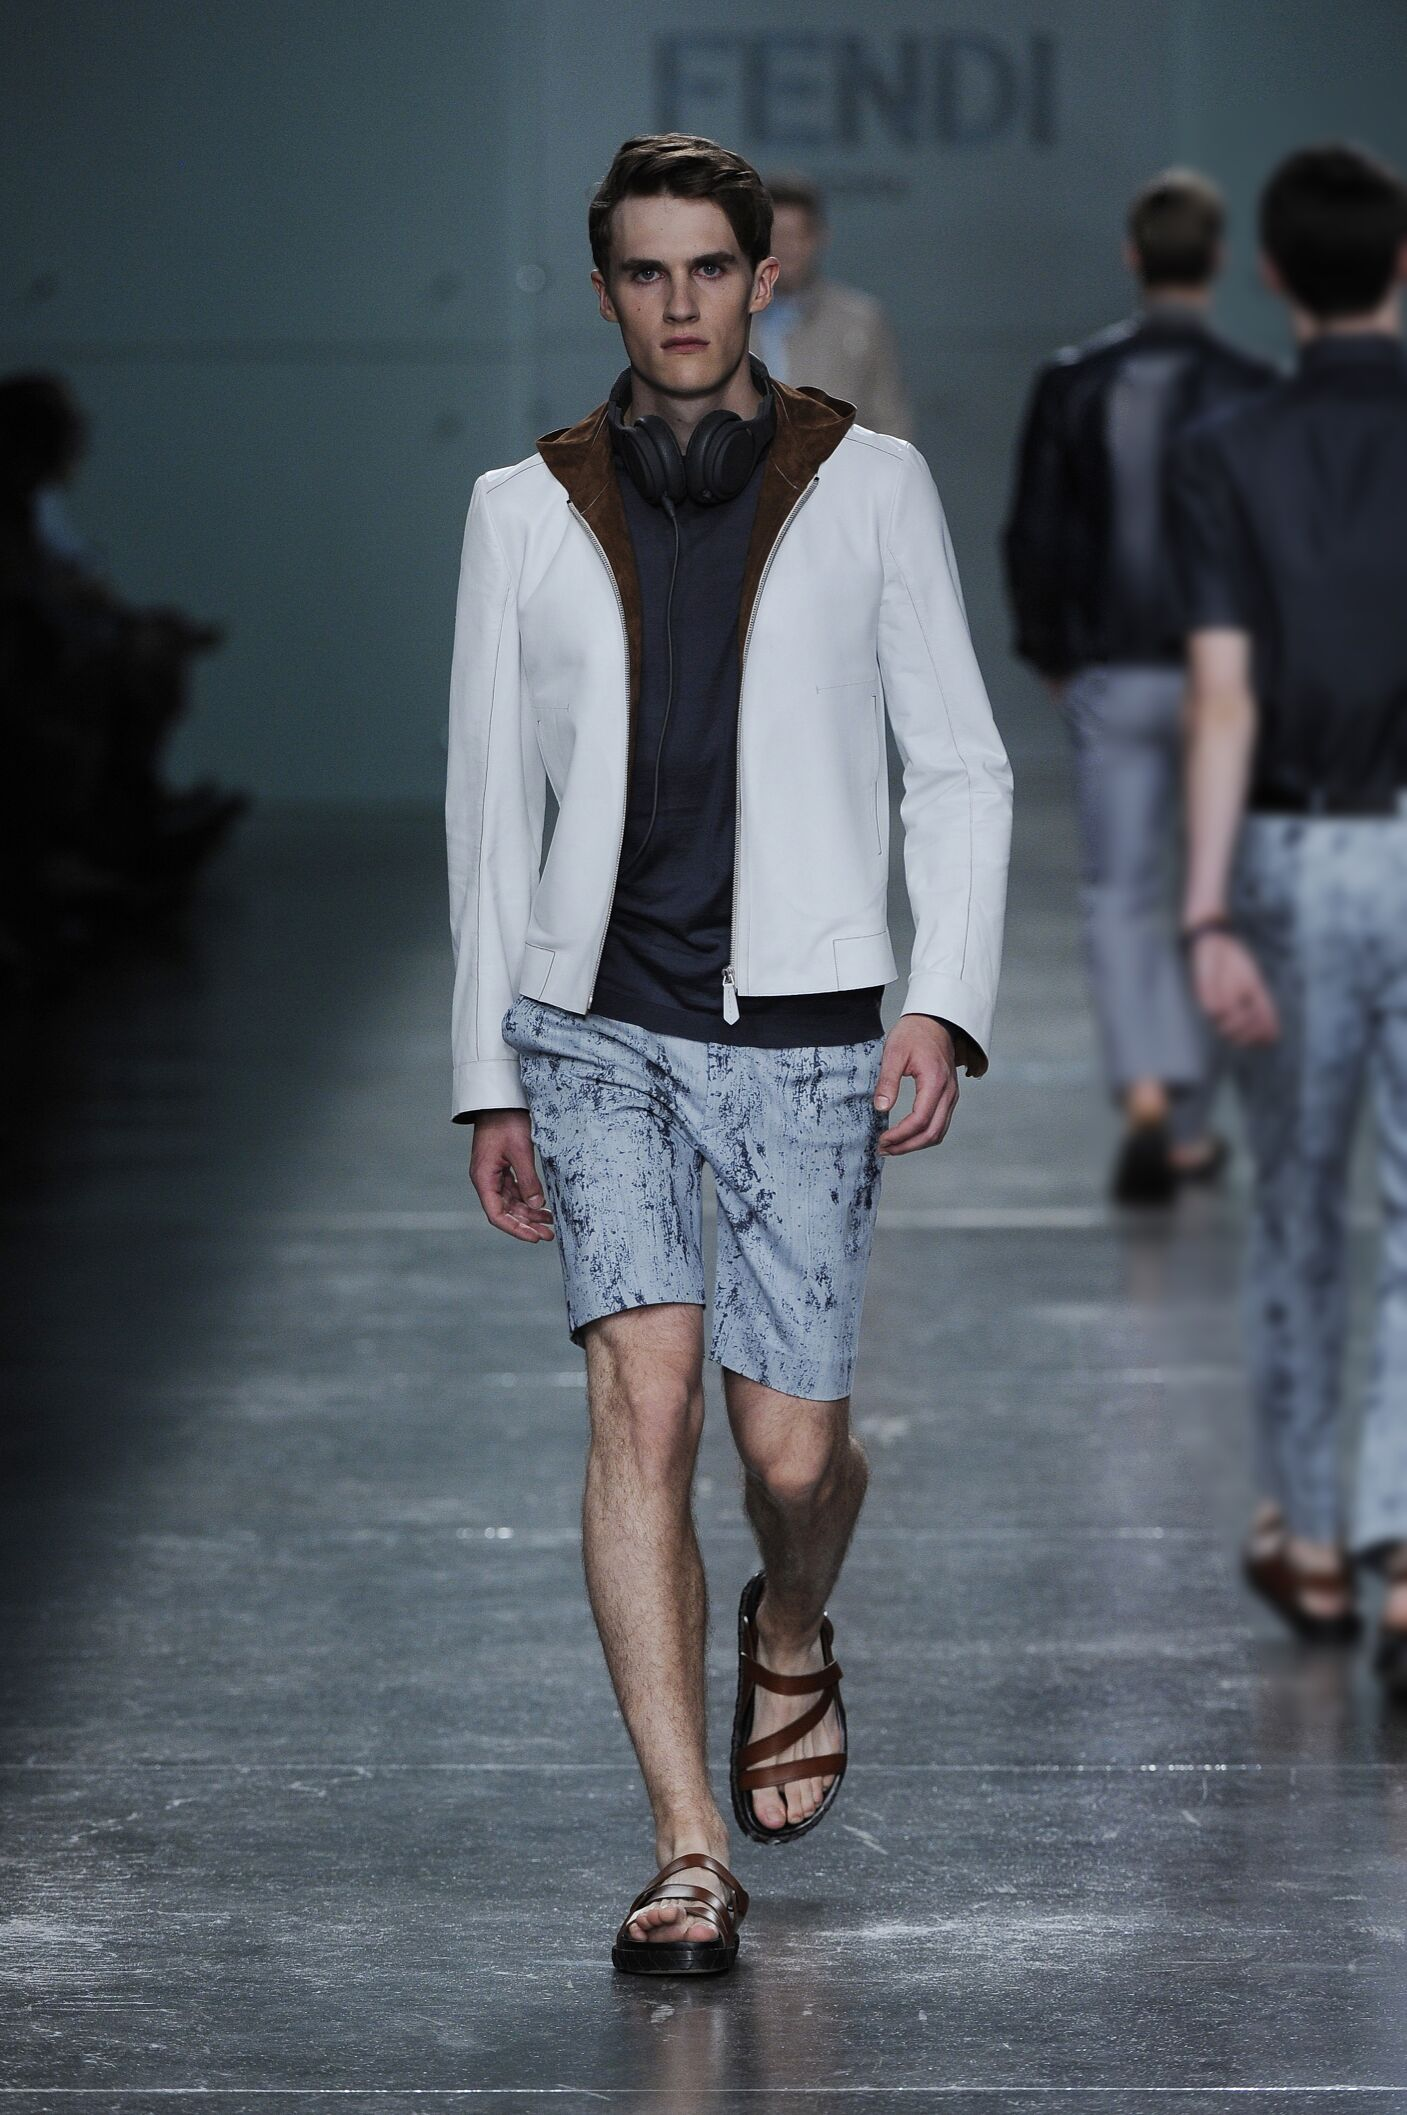 Summer Fashion Trends 2015 Fendi